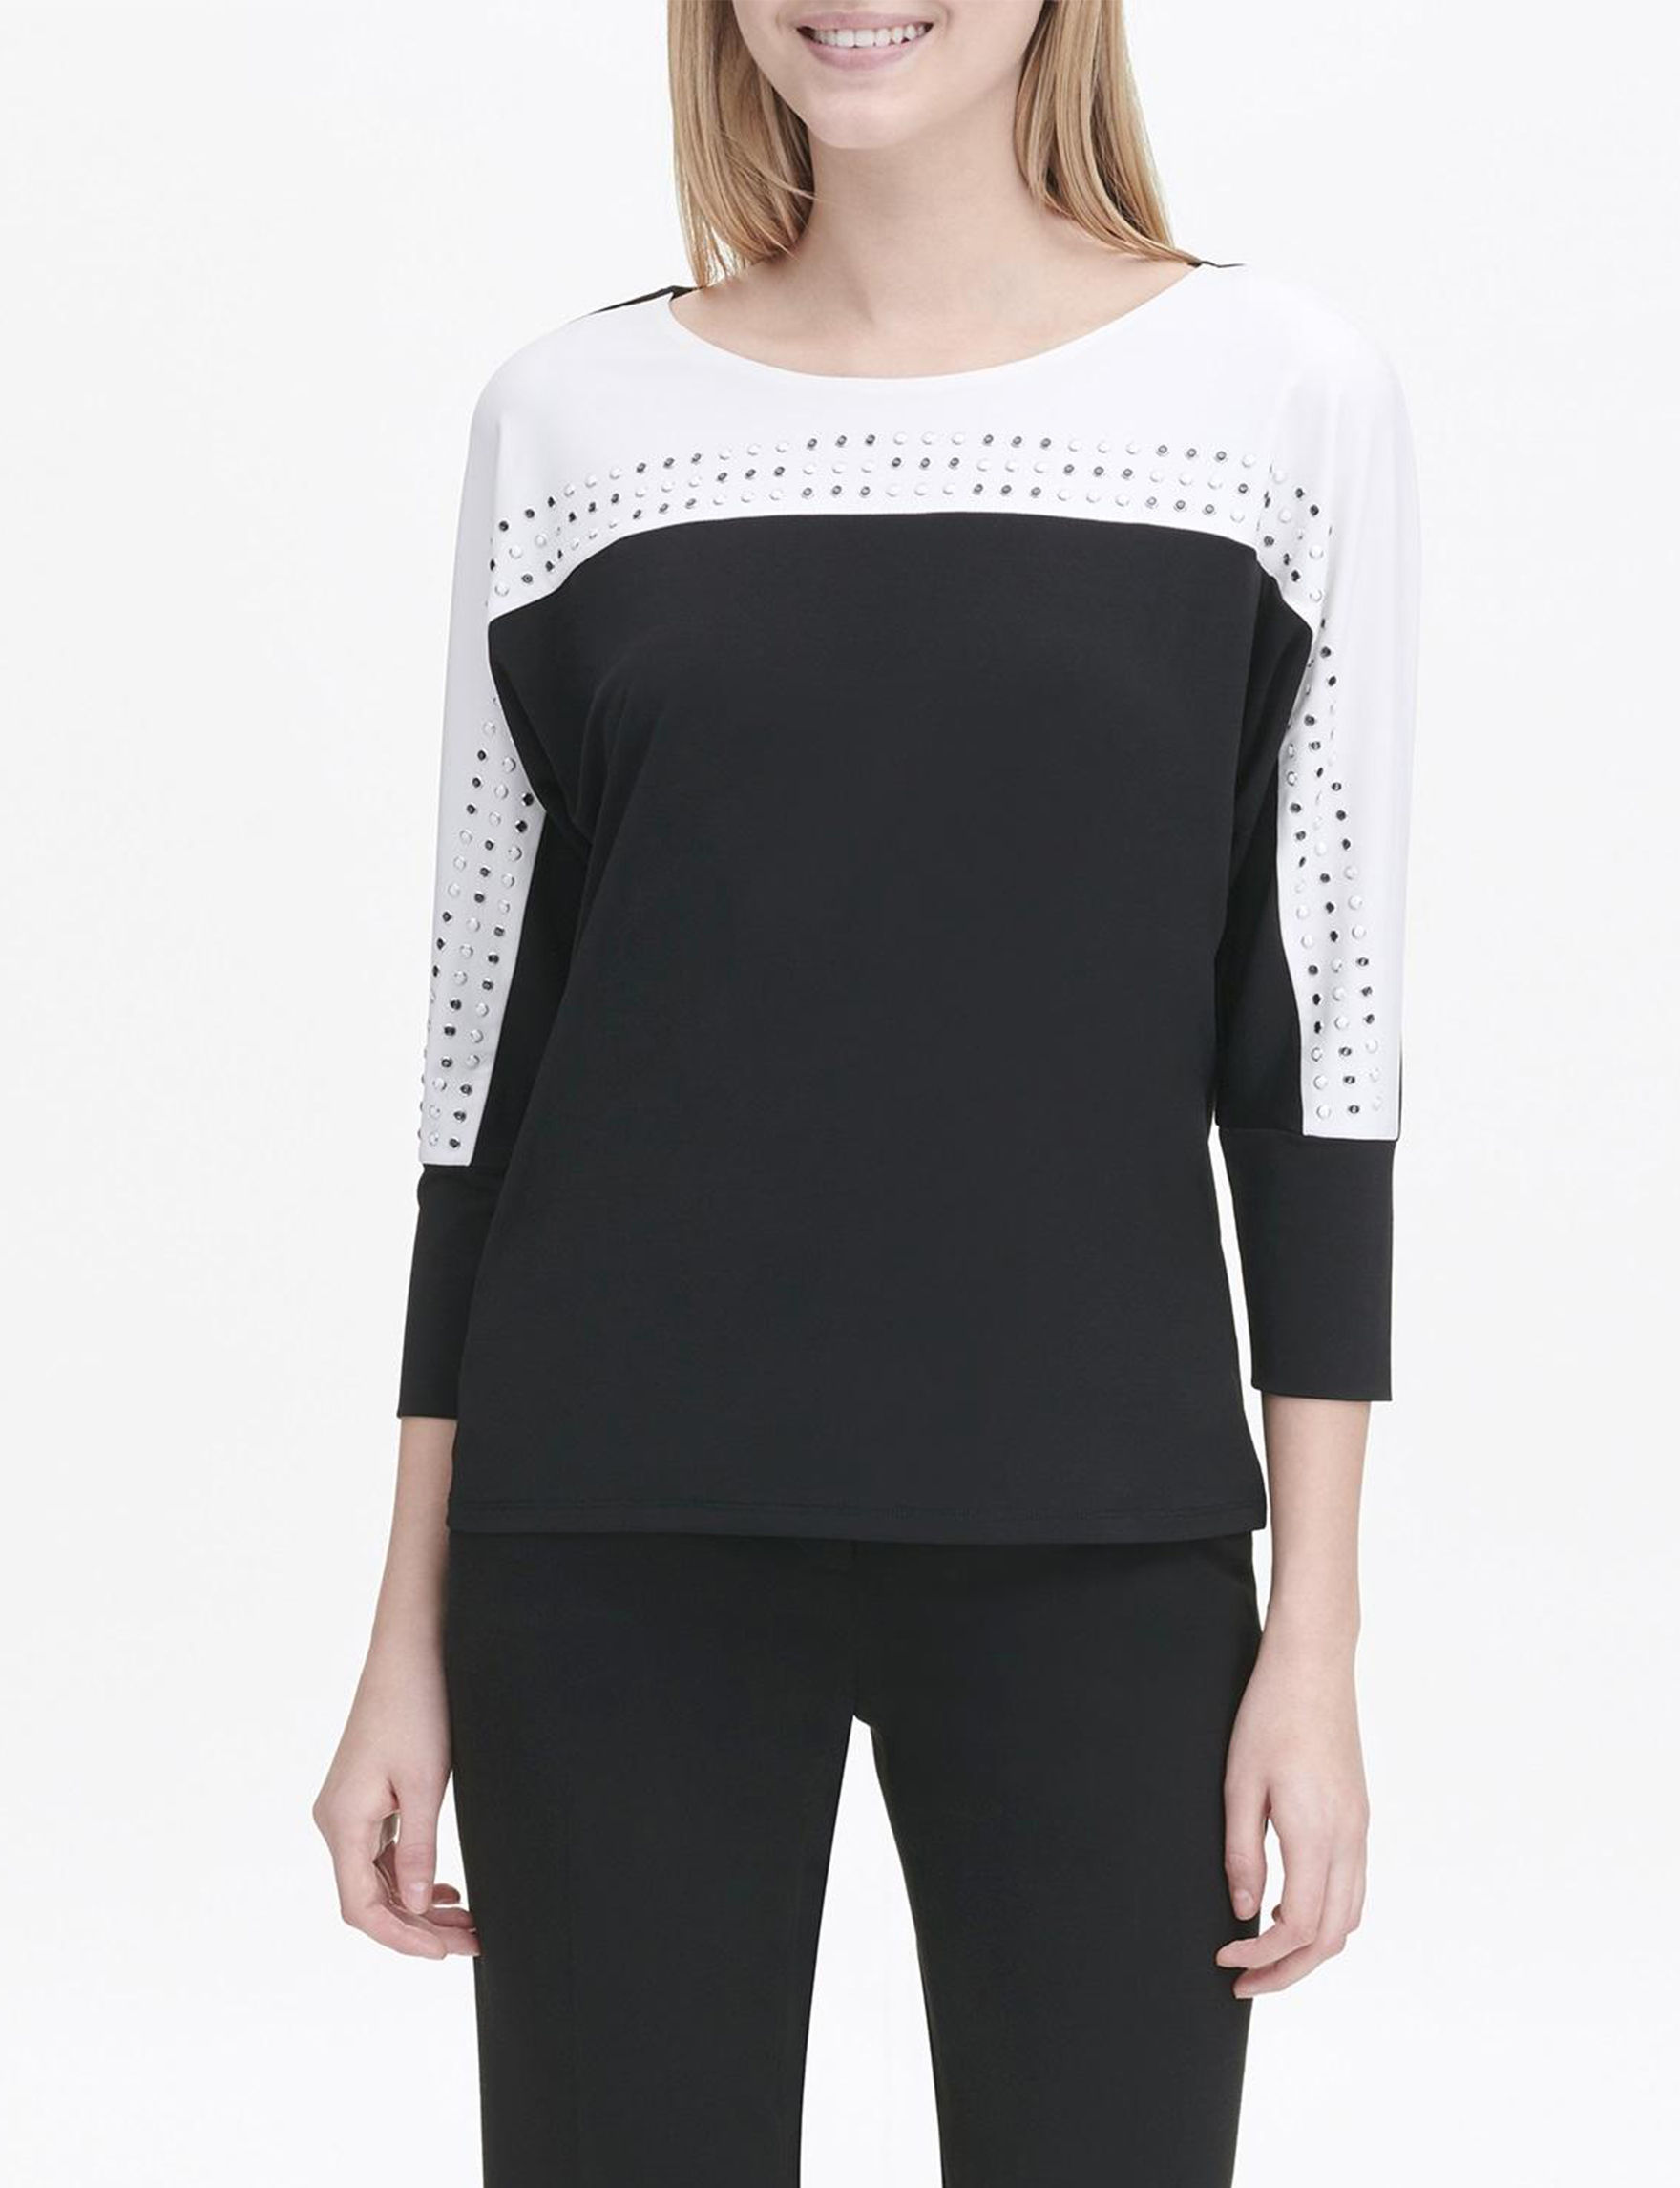 Calvin Klein Black/ White Shirts & Blouses